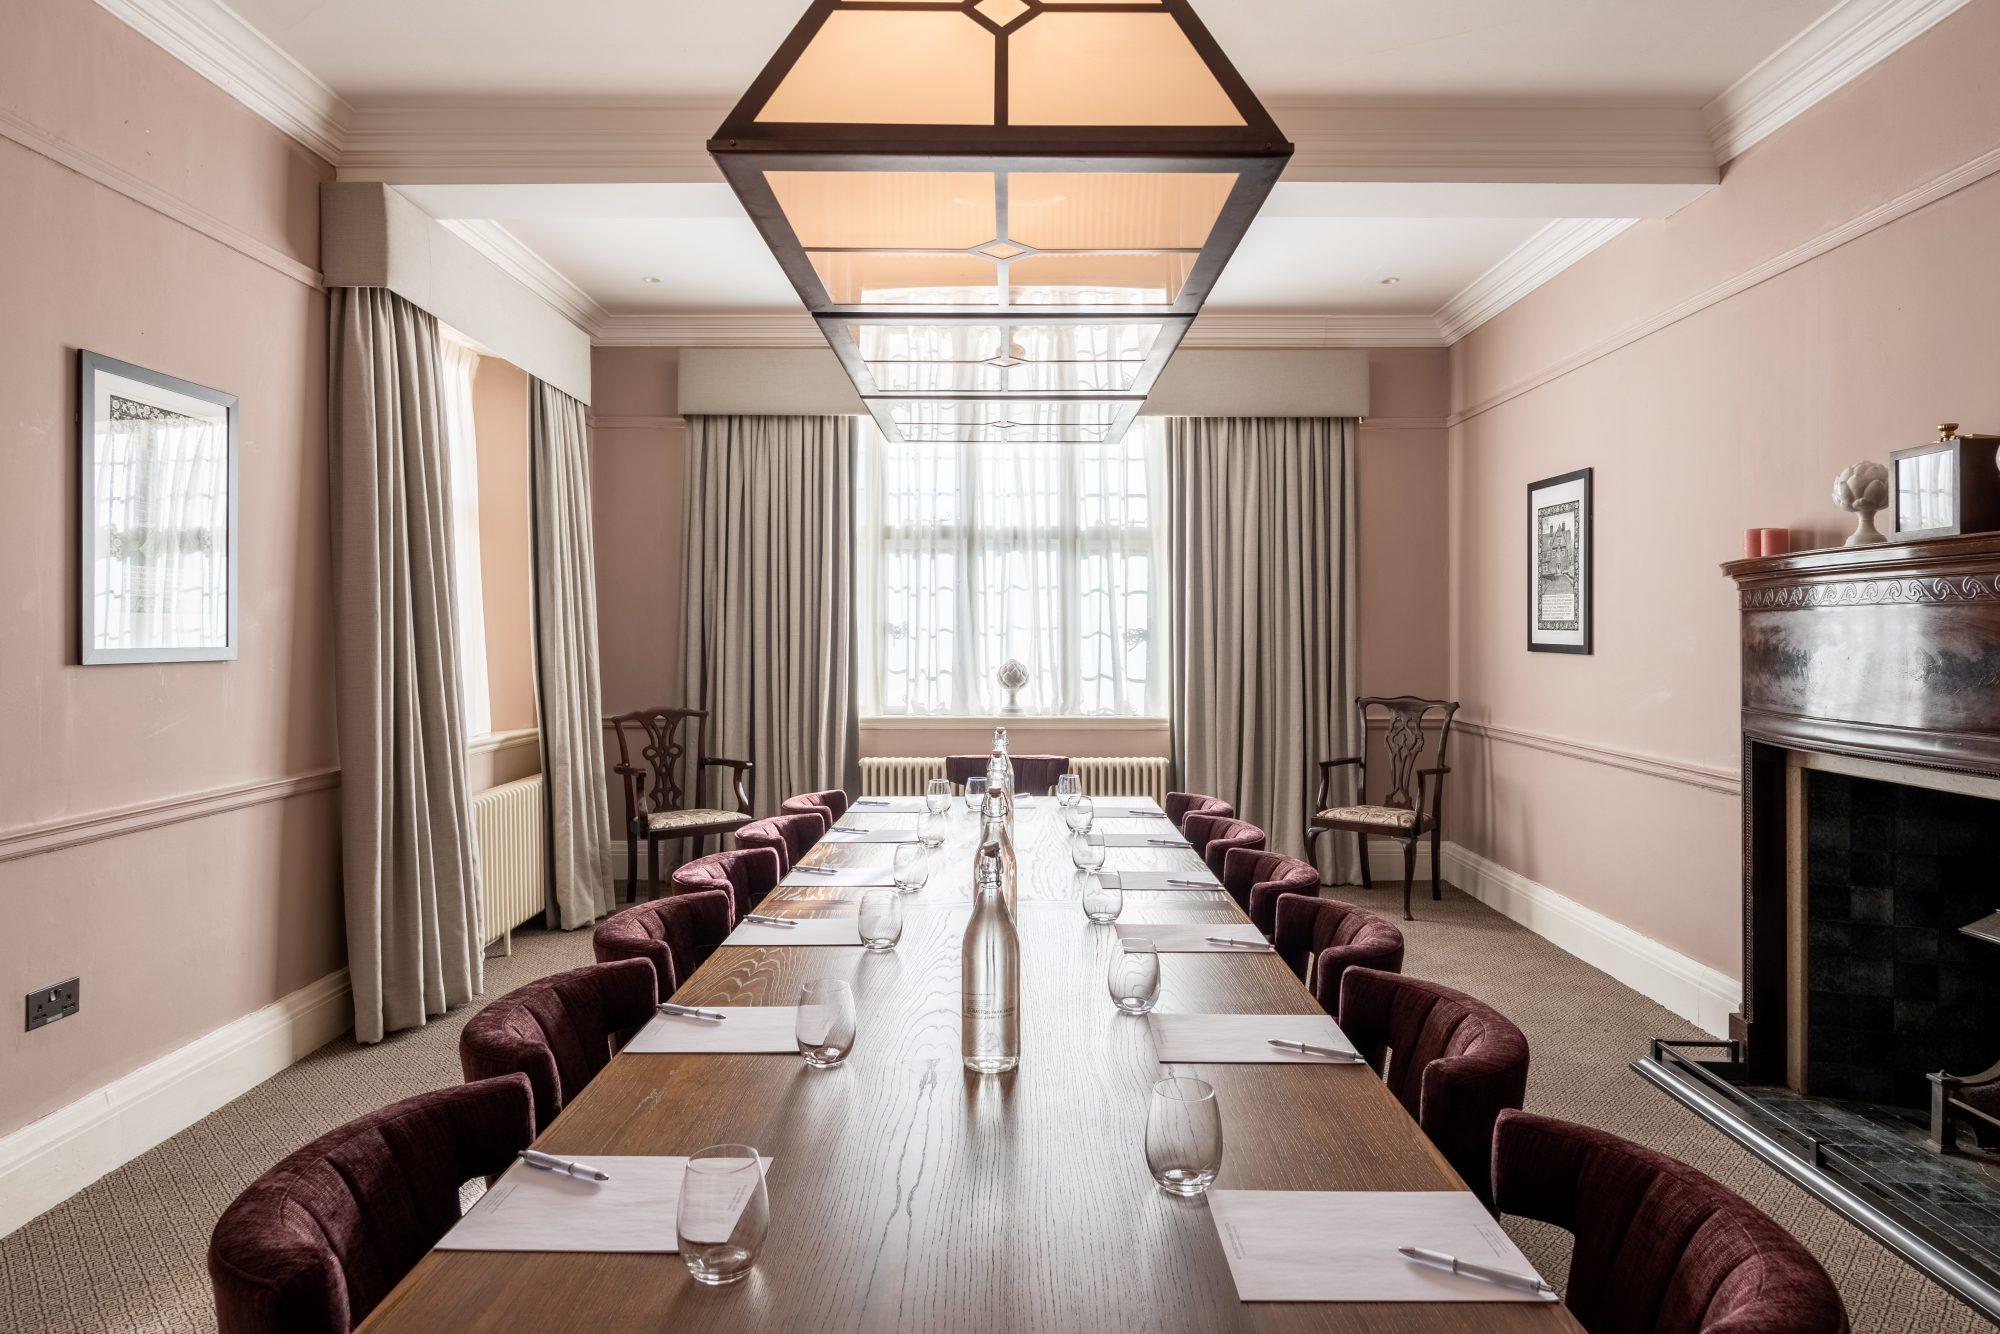 british interior design, Representing Interior Design